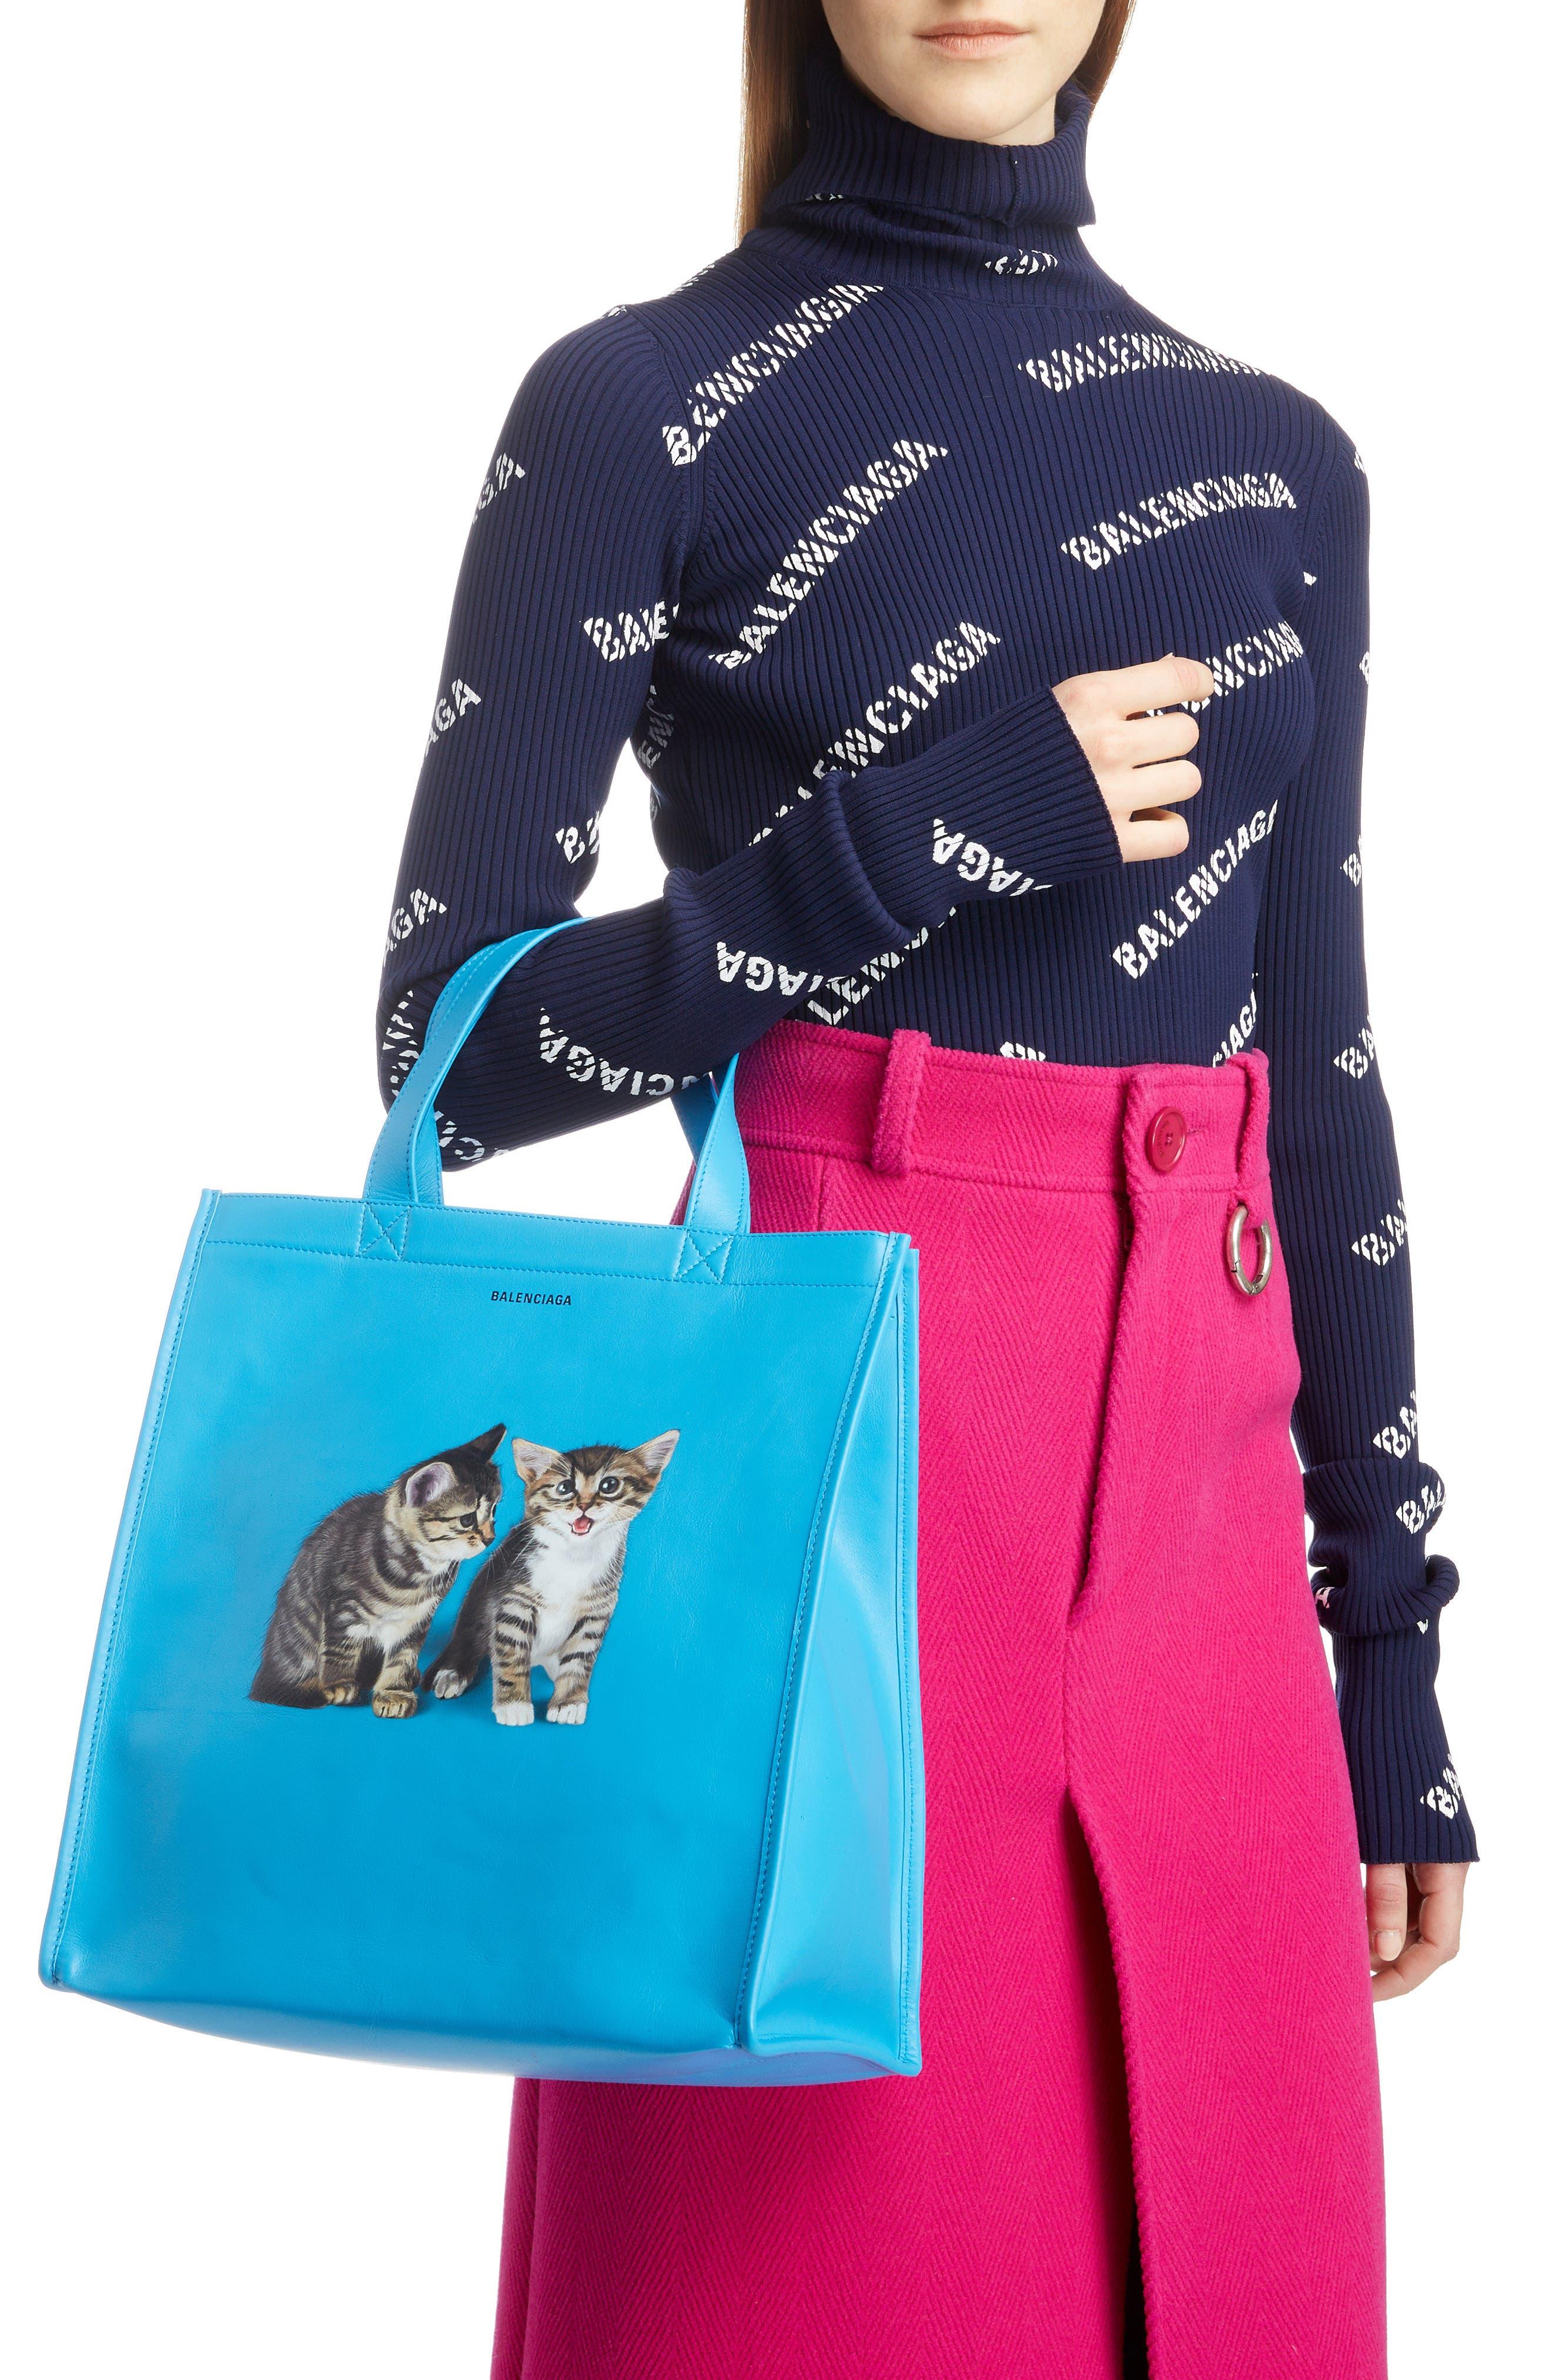 Kittens Market Leather Shopper,                             Alternate thumbnail 2, color,                             489